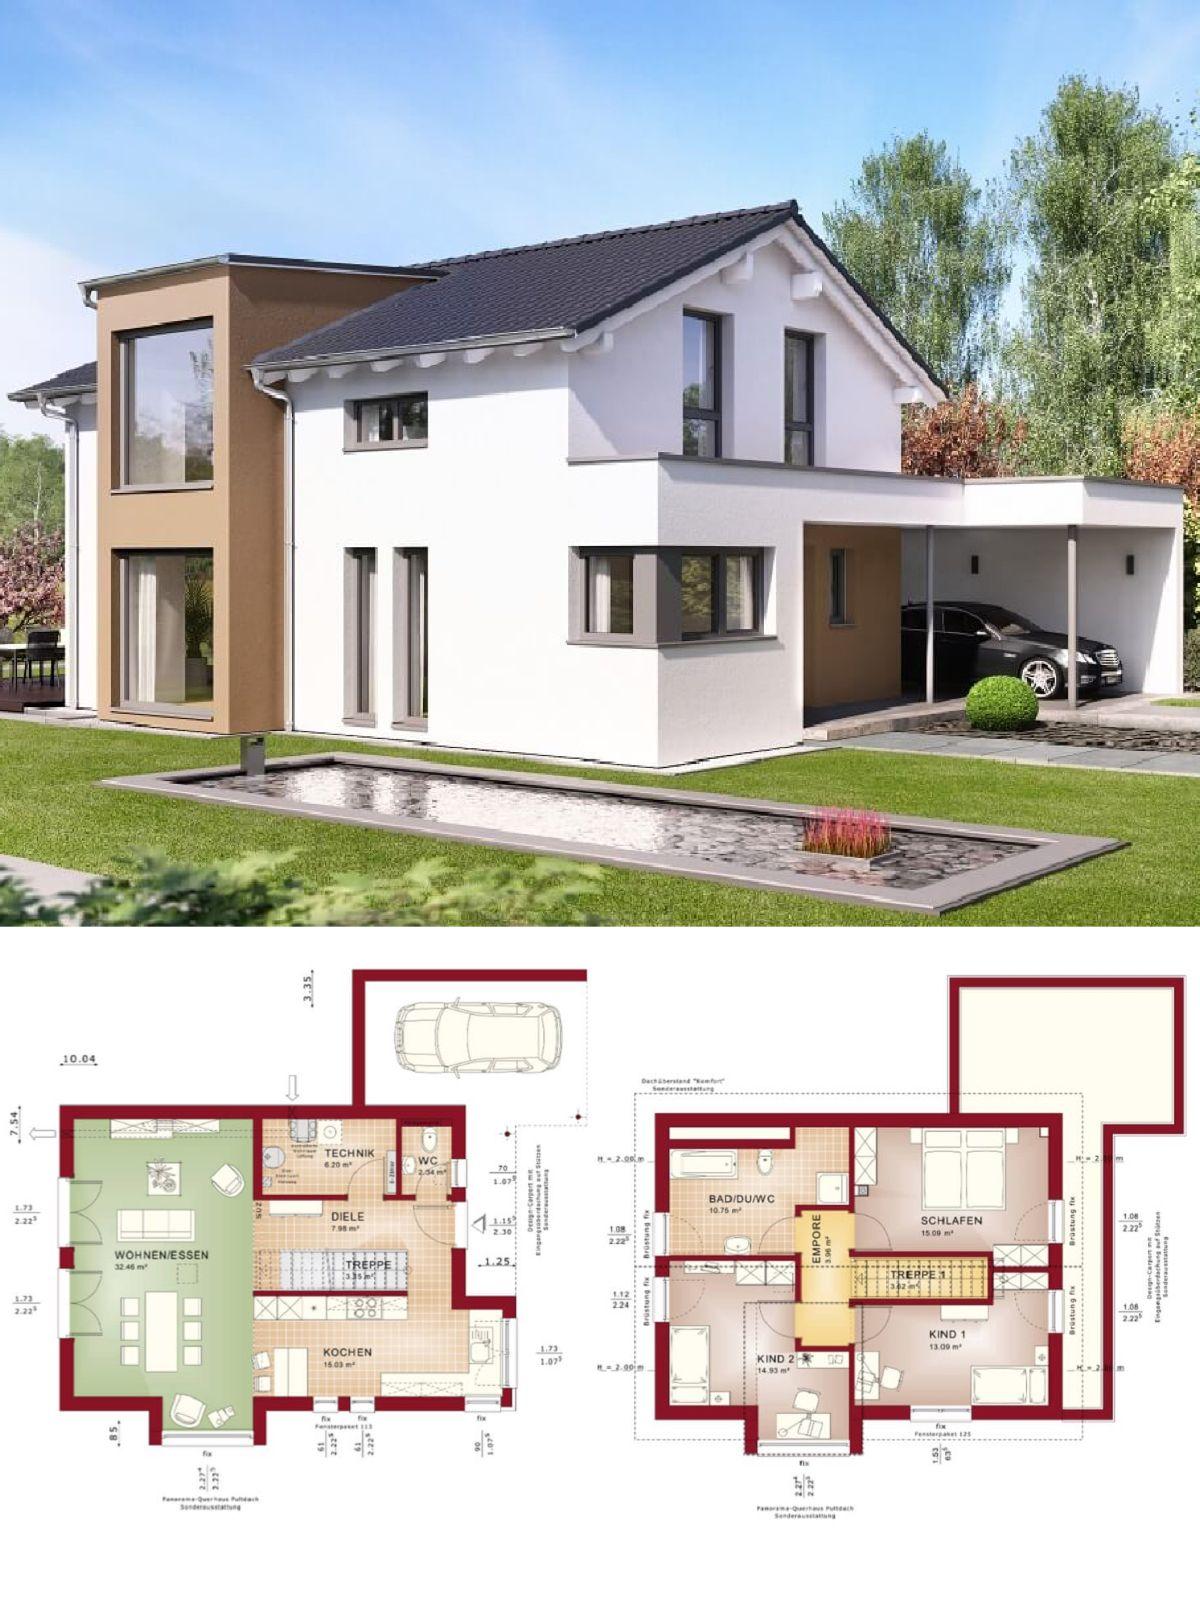 Einfamilienhaus modern mit Satteldach Architektur & Design